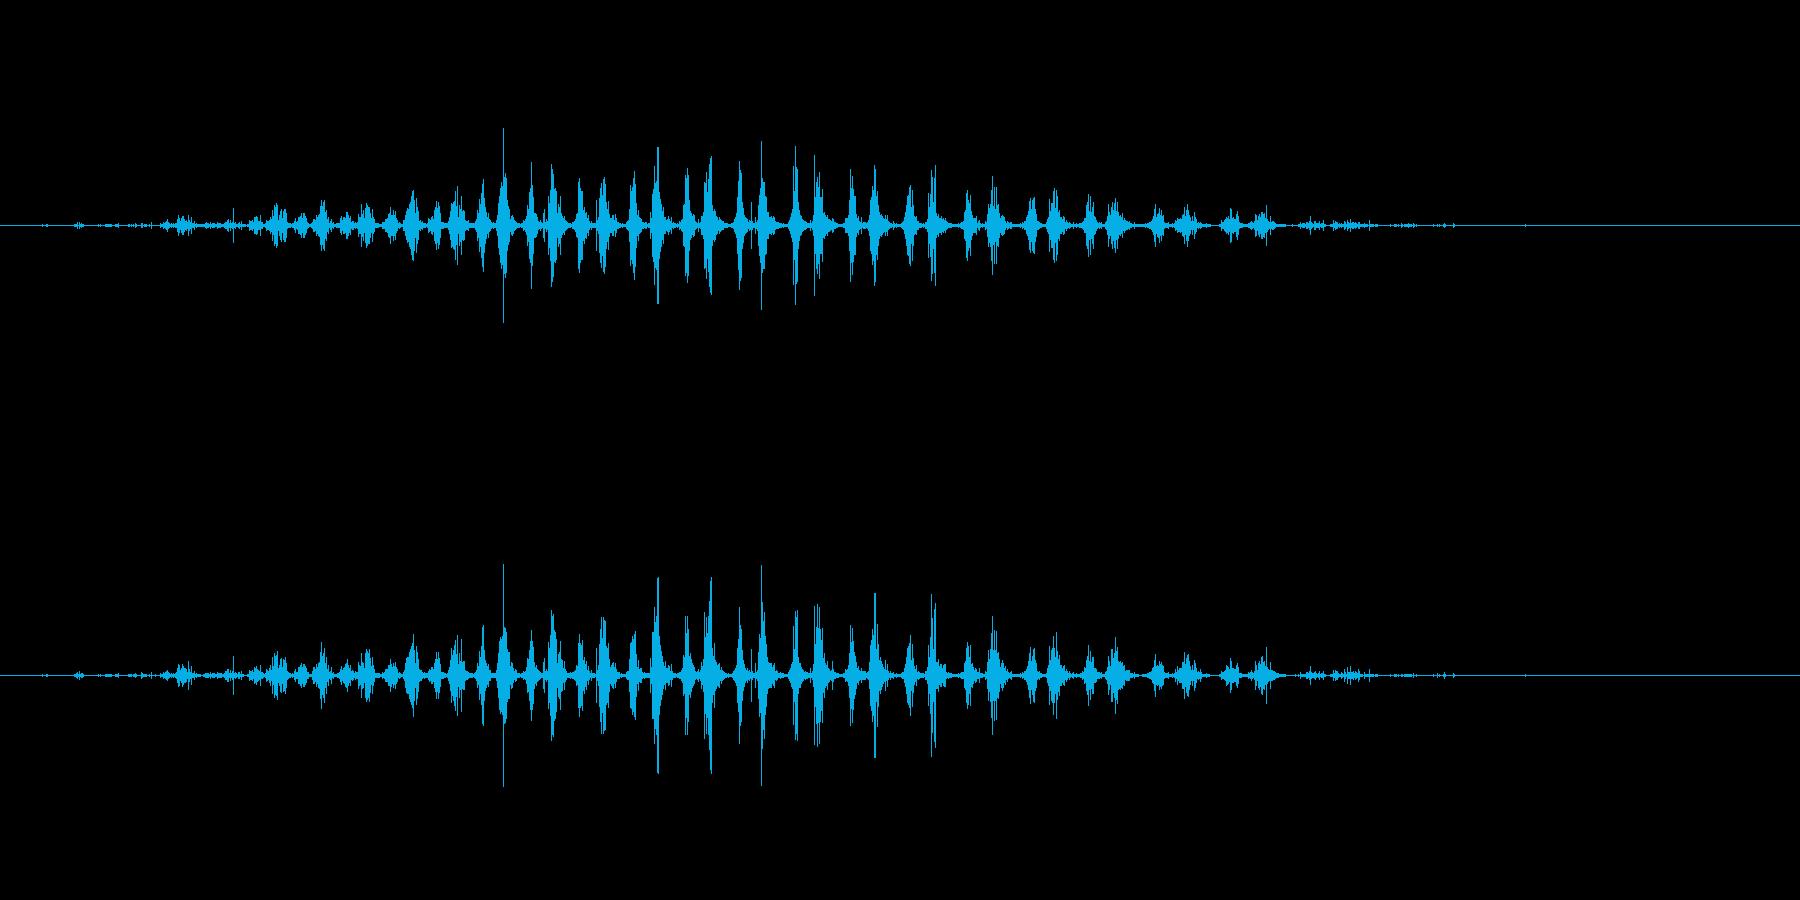 シェーカー ウッドラトルダイナミック04の再生済みの波形